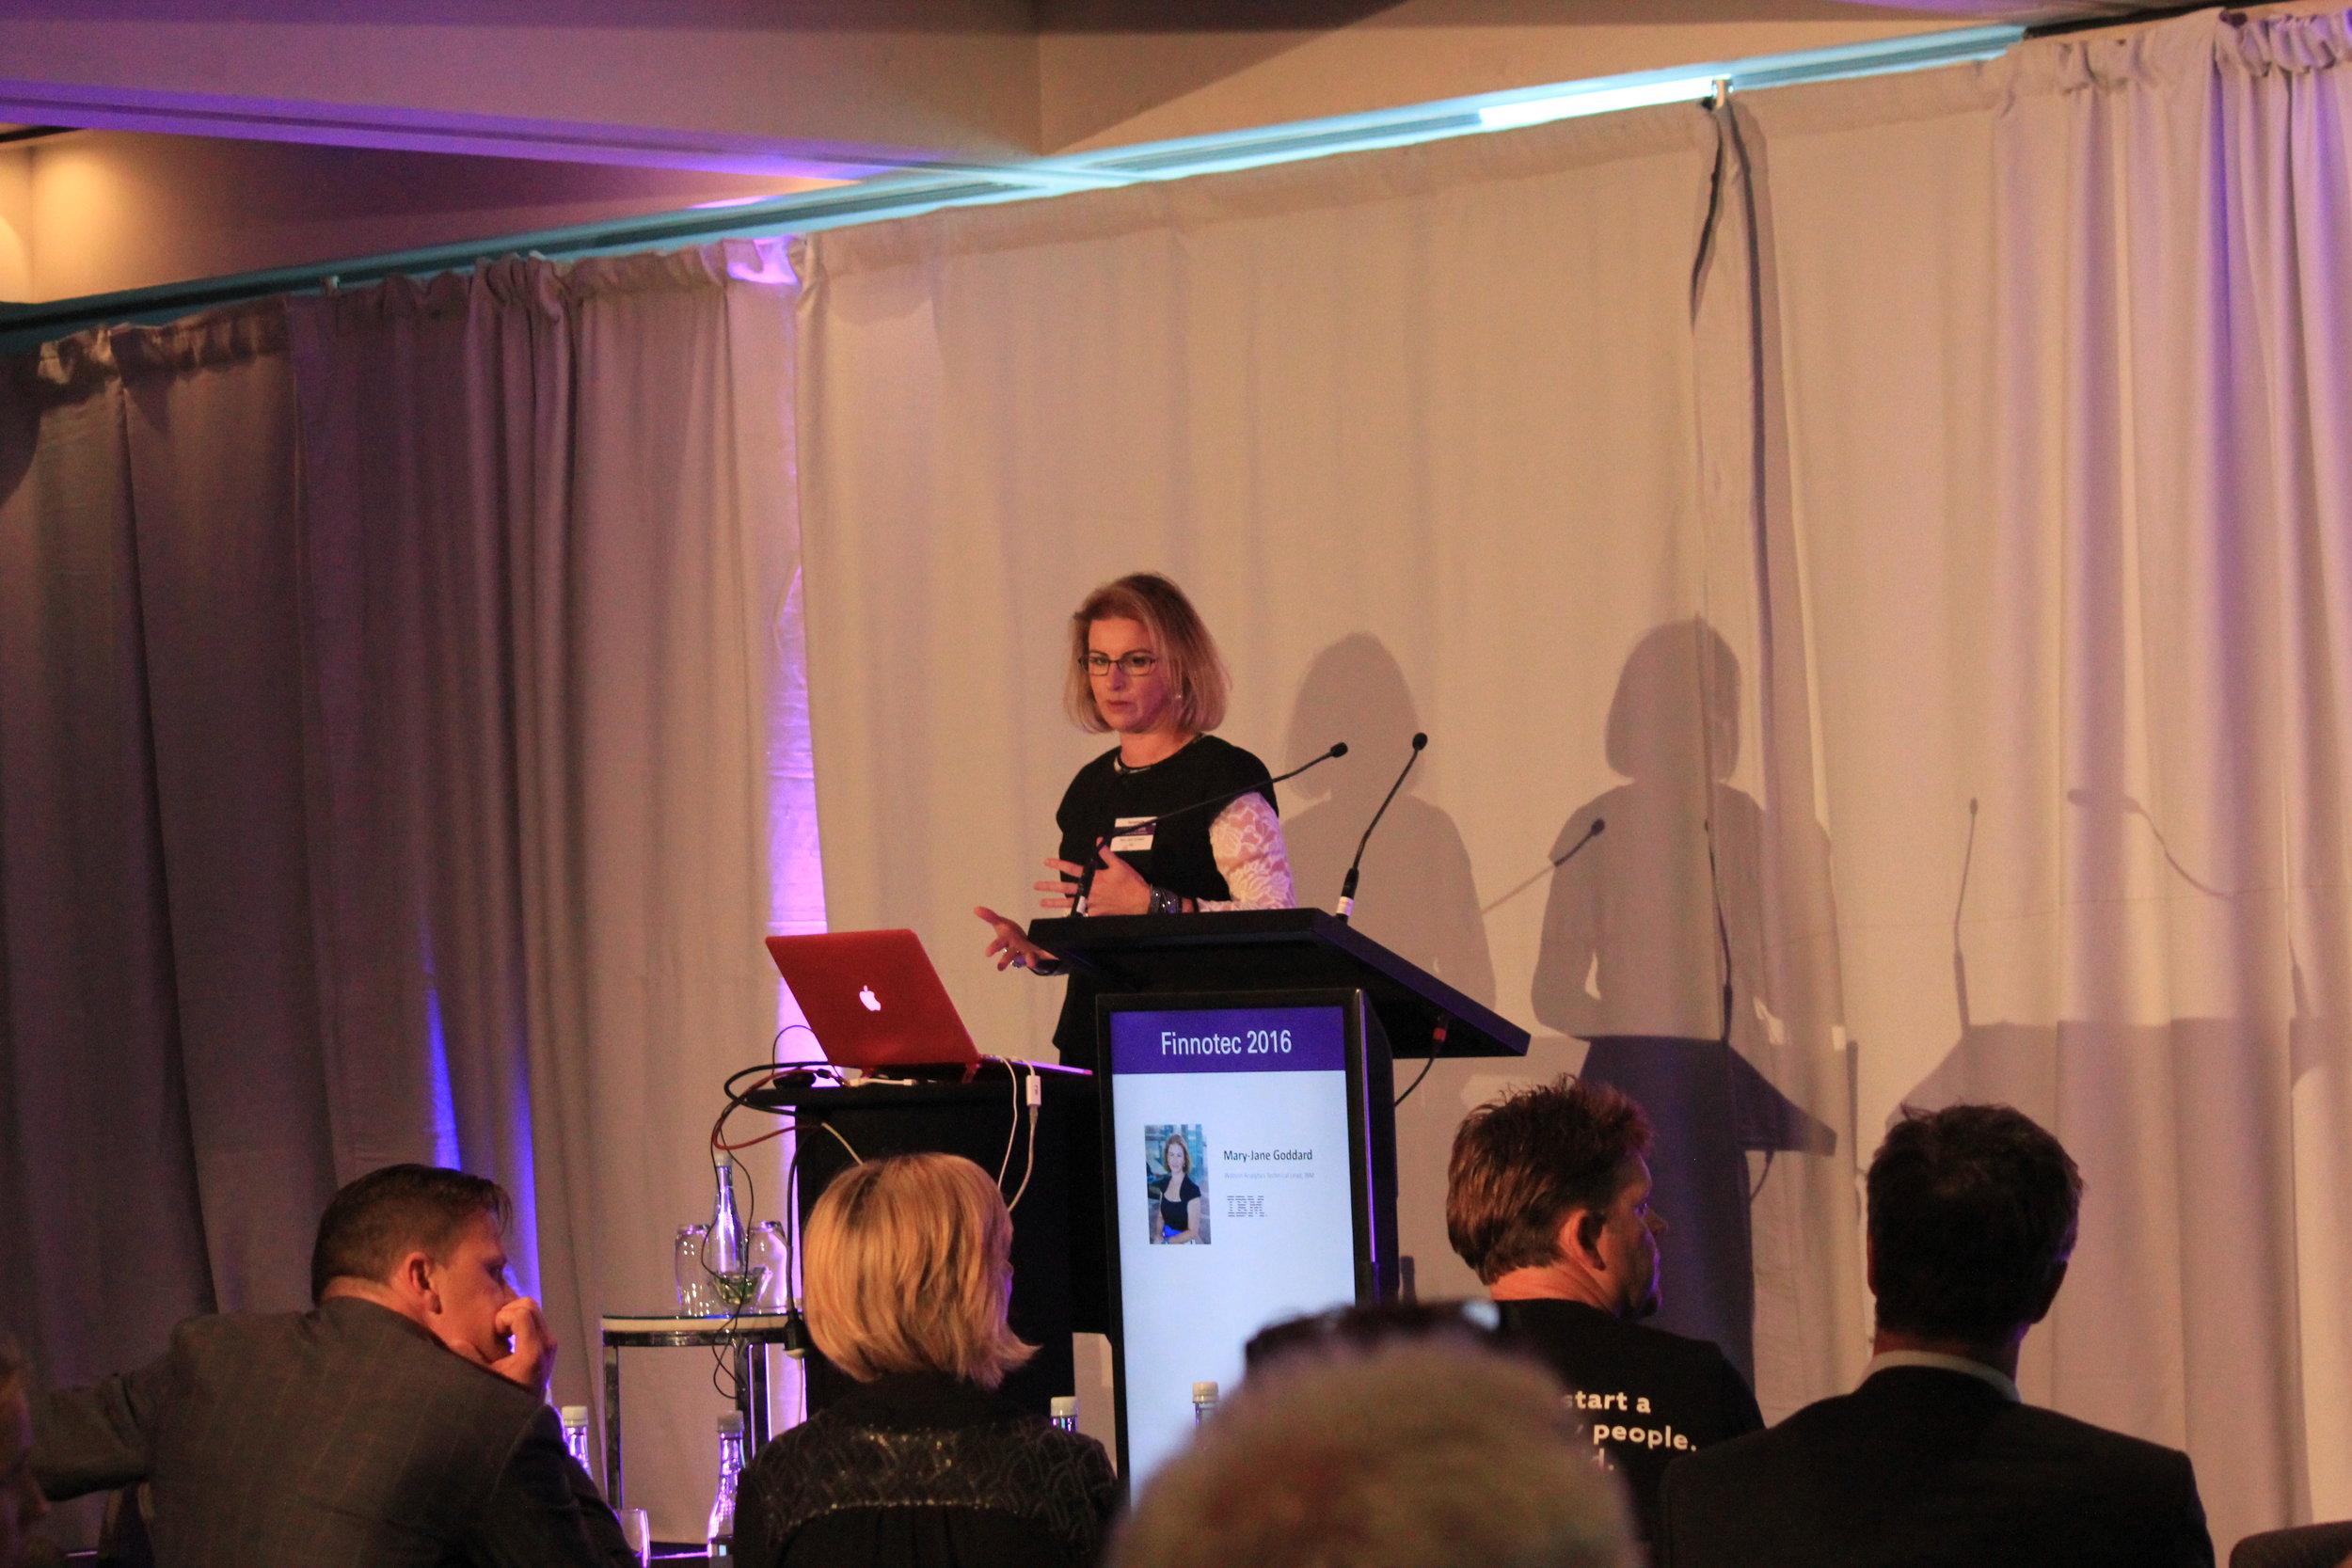 Mary-Jane Goddard,Technical Lead, IBM